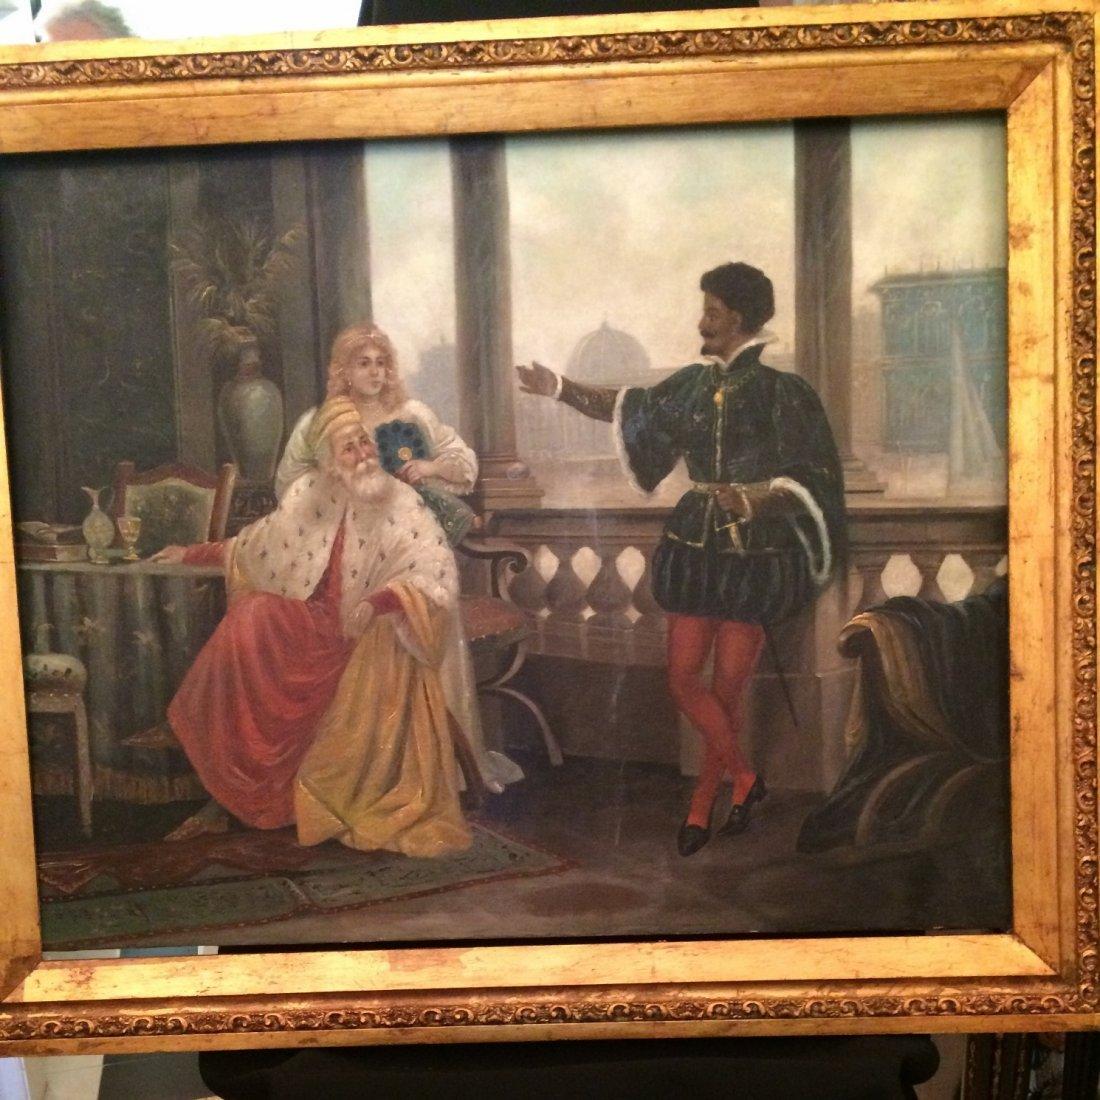 Enrico Fanfani (Attrib.), Oil on Canvas